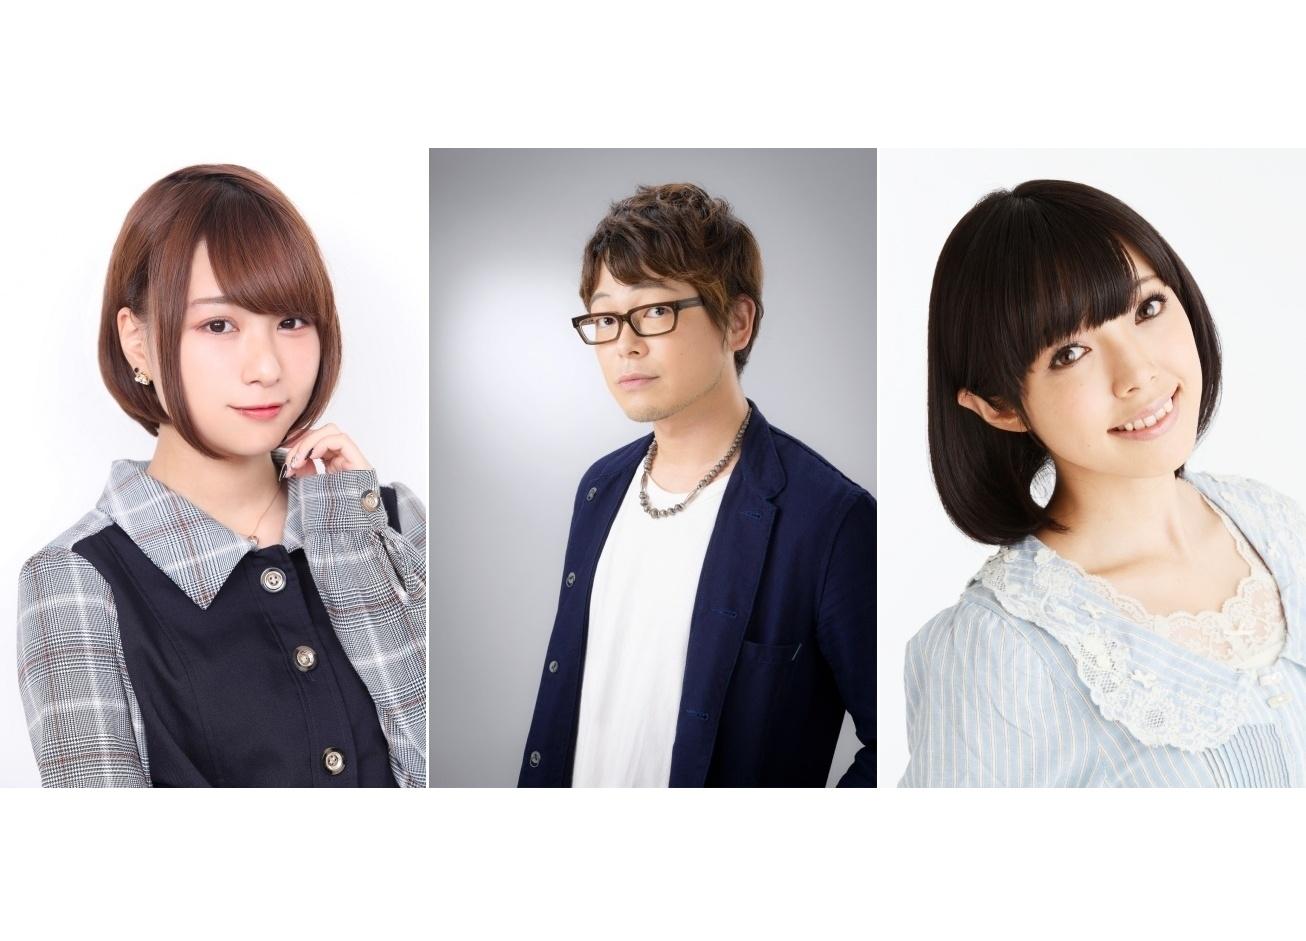 夏アニメ『女子高生の無駄づかい』特別生番組が8月16日配信